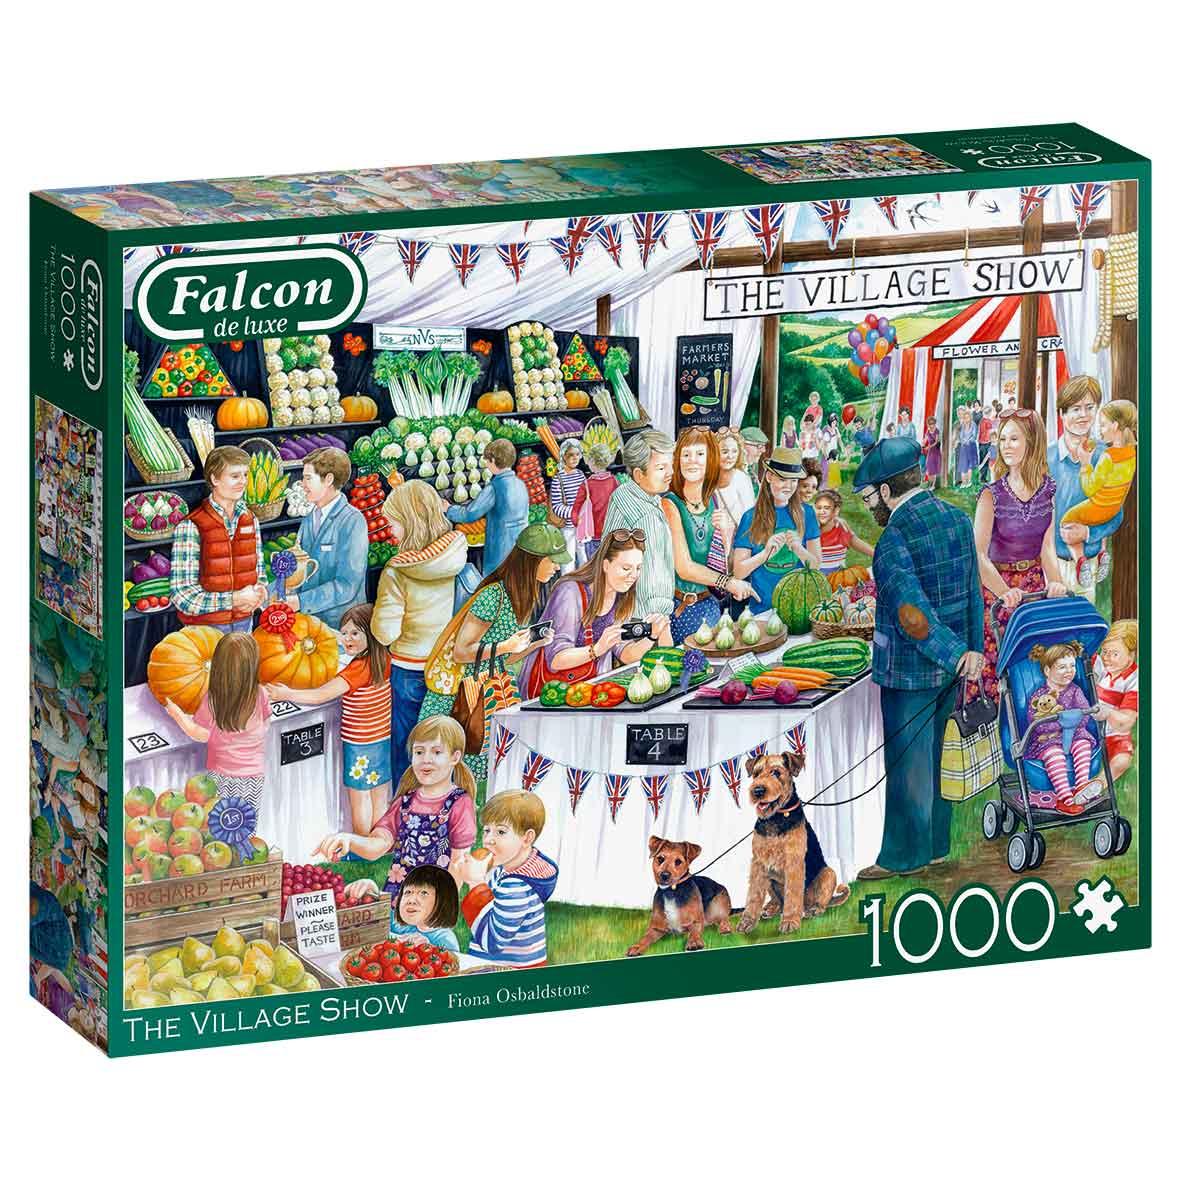 Puzzle Falcon La Feria de Muestras del Pueblo de 1000 Piezas